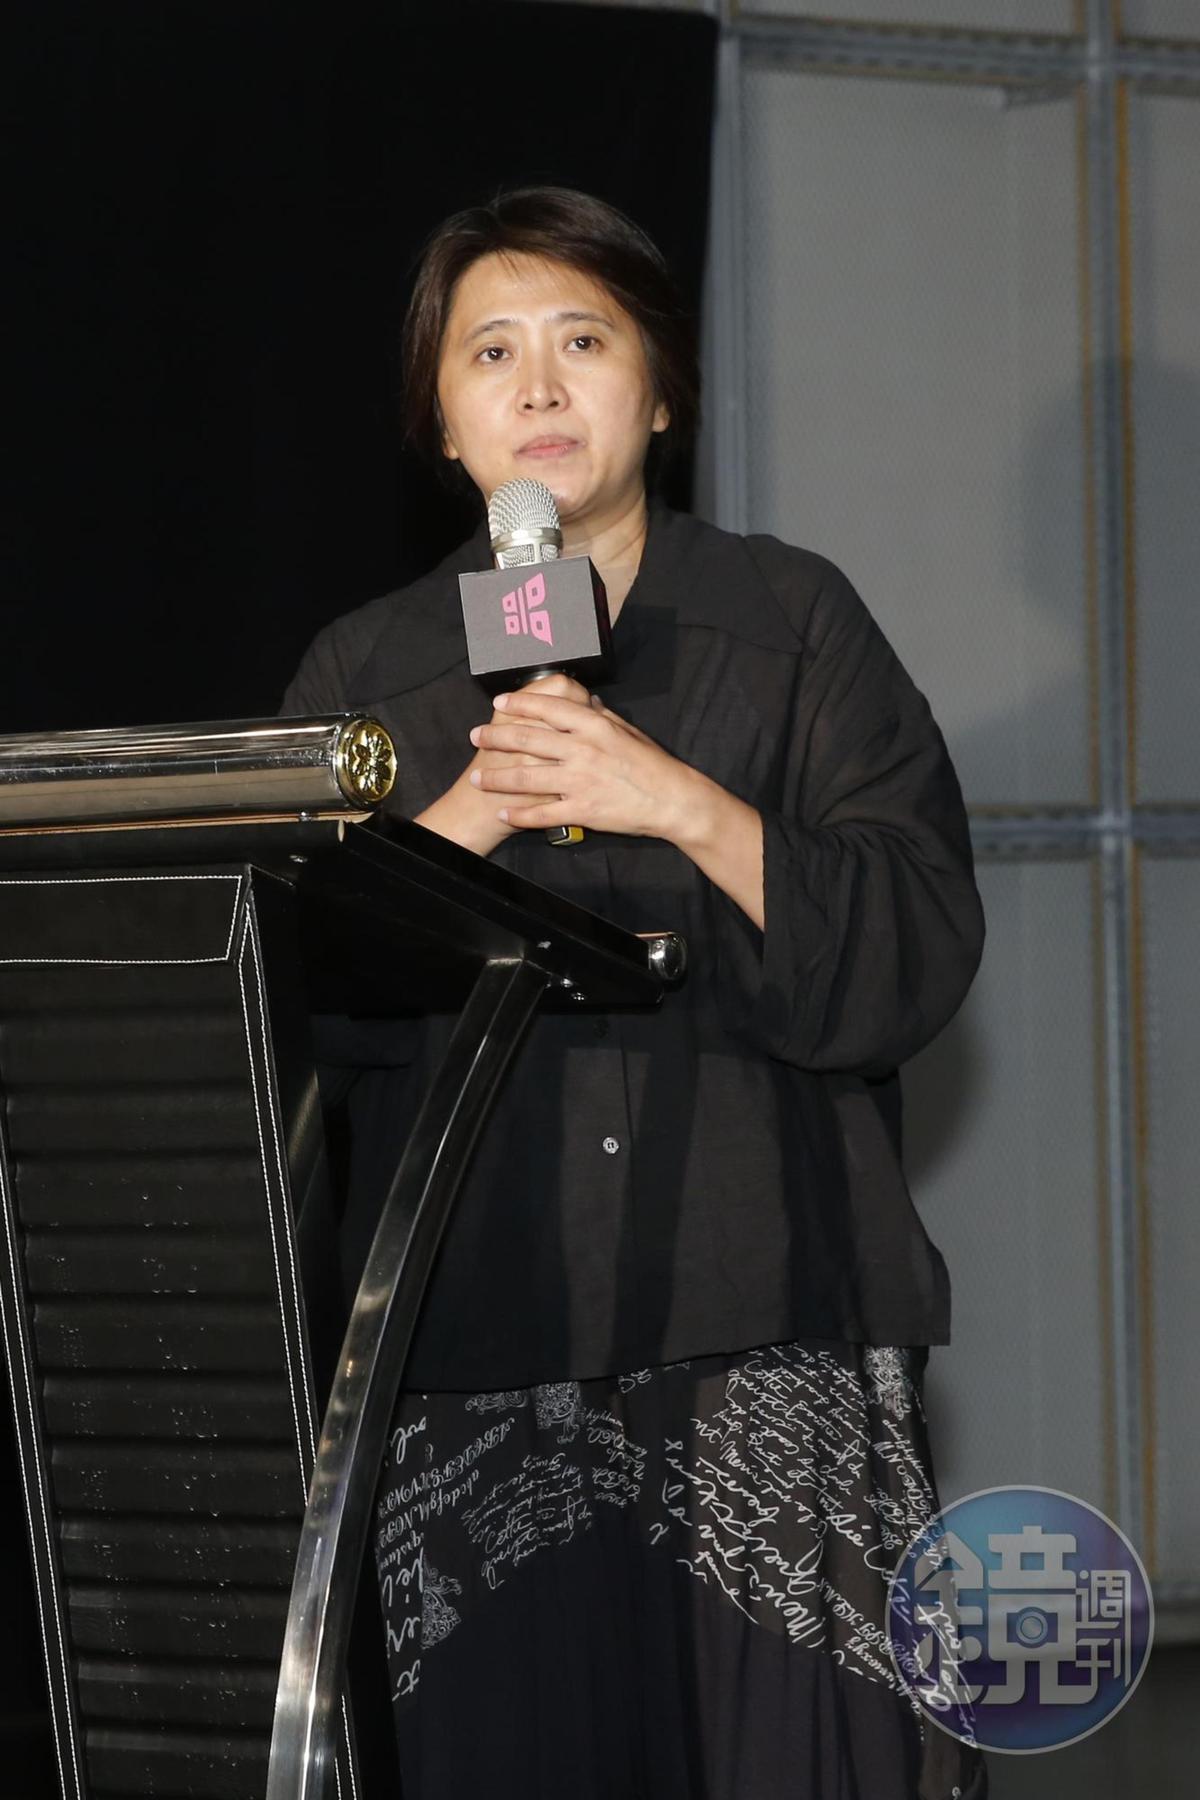 台北電影節總監李亞梅。